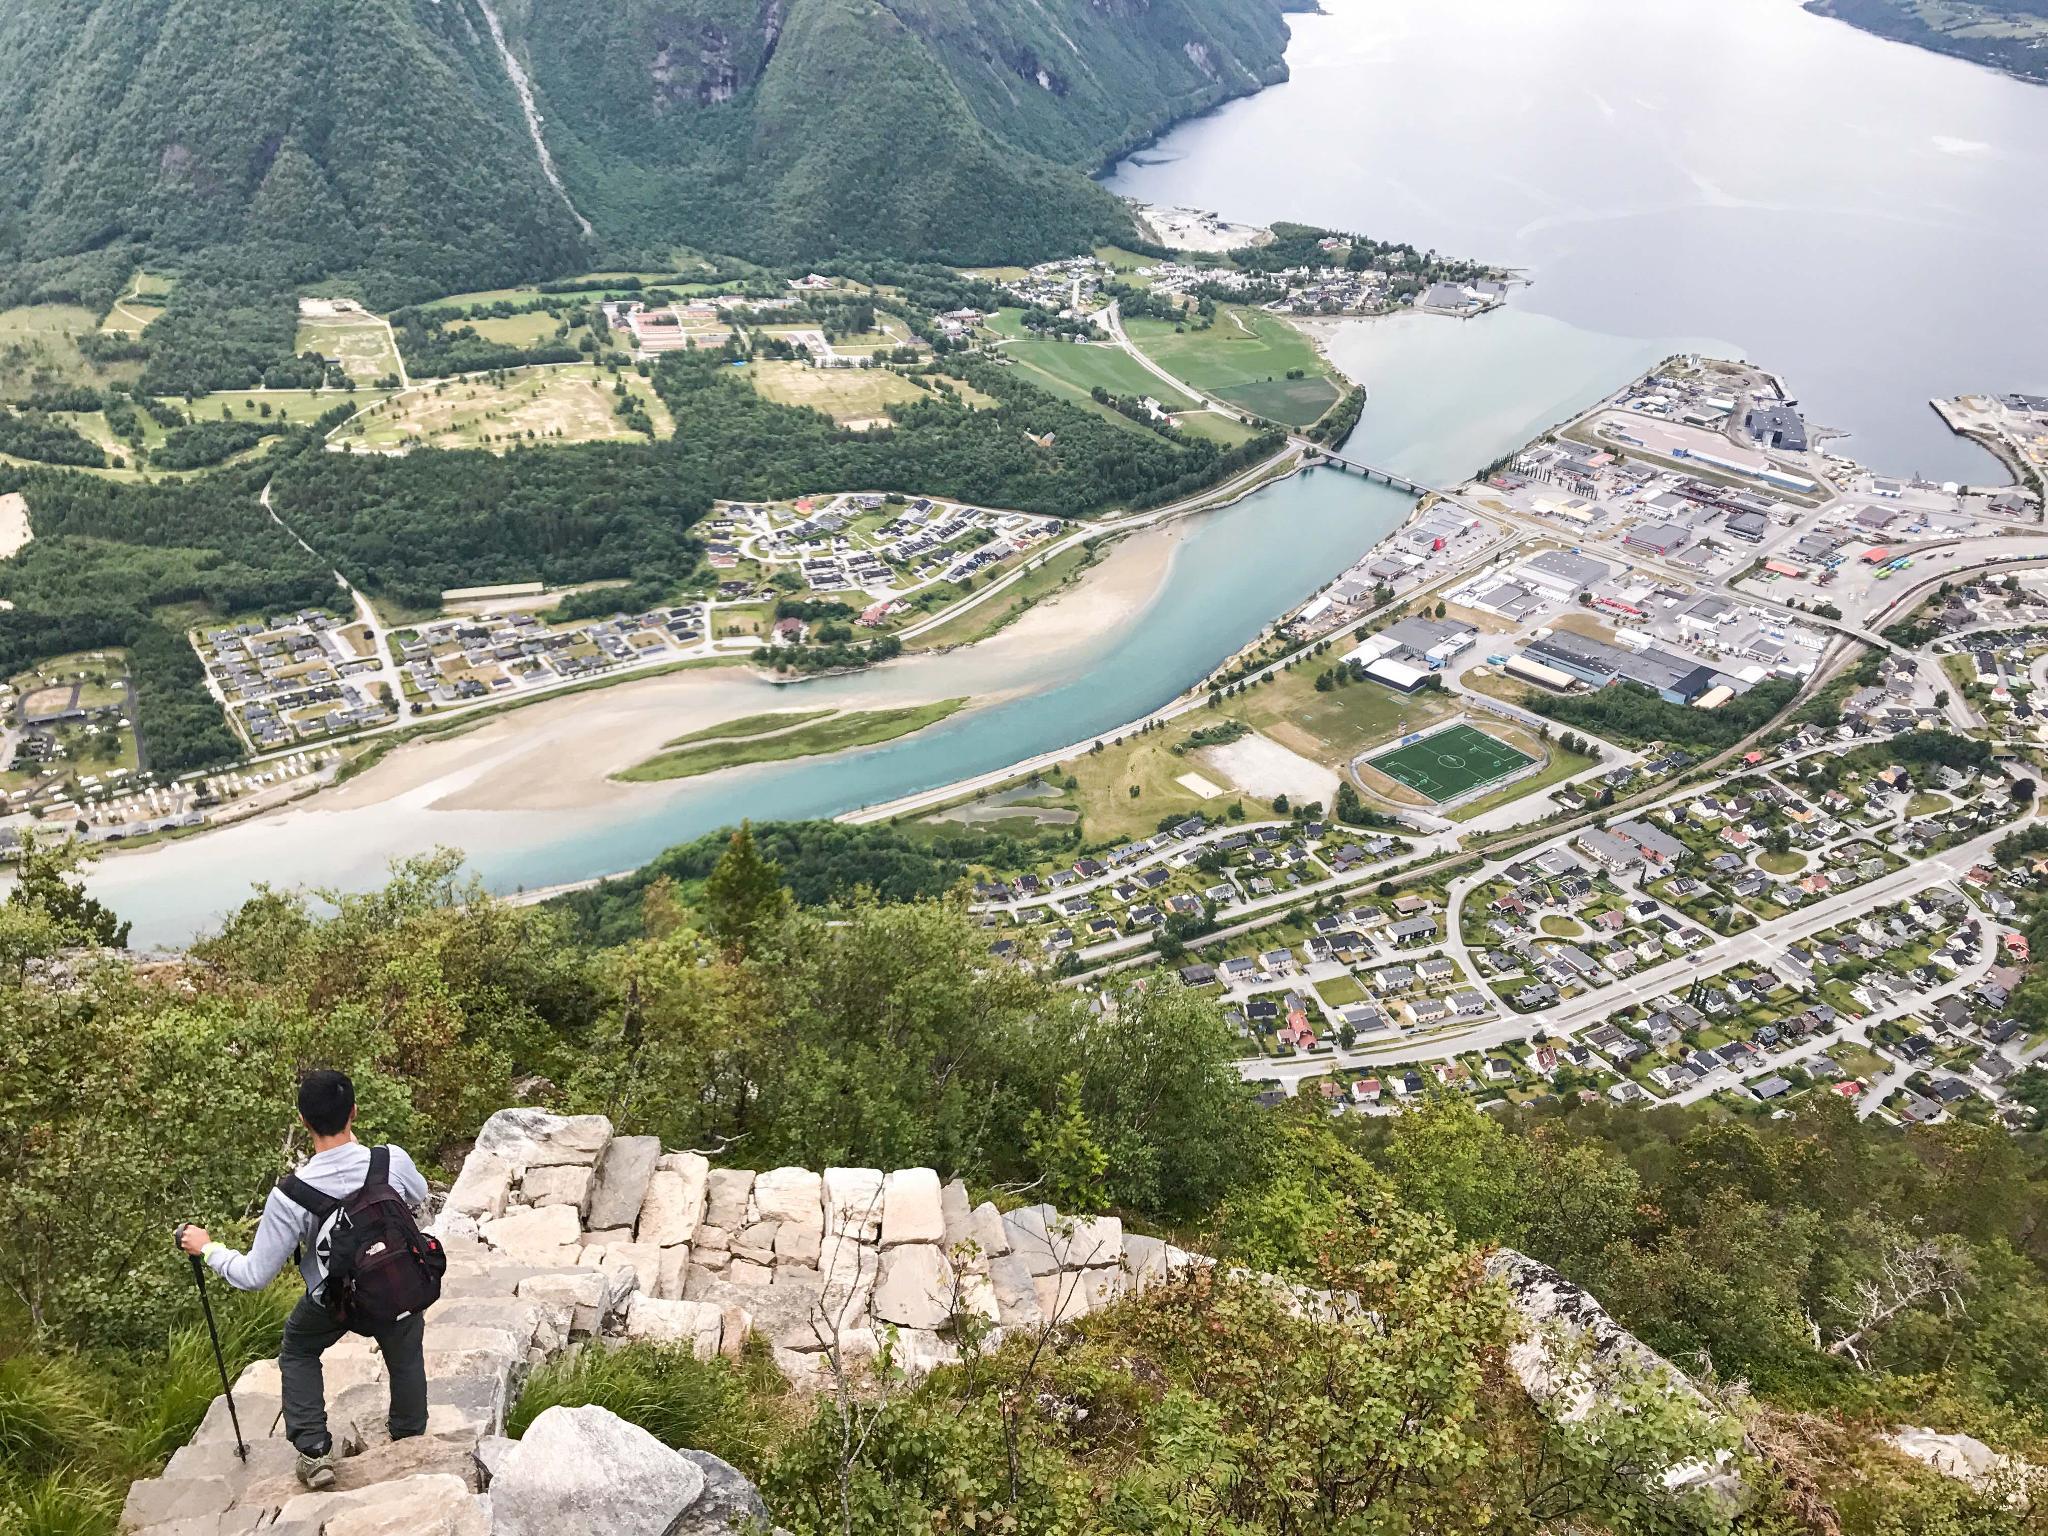 【北歐景點】峽灣區起點Åndalsnes健行 - 鳥瞰峽灣全景的Rampestreken觀景台 40